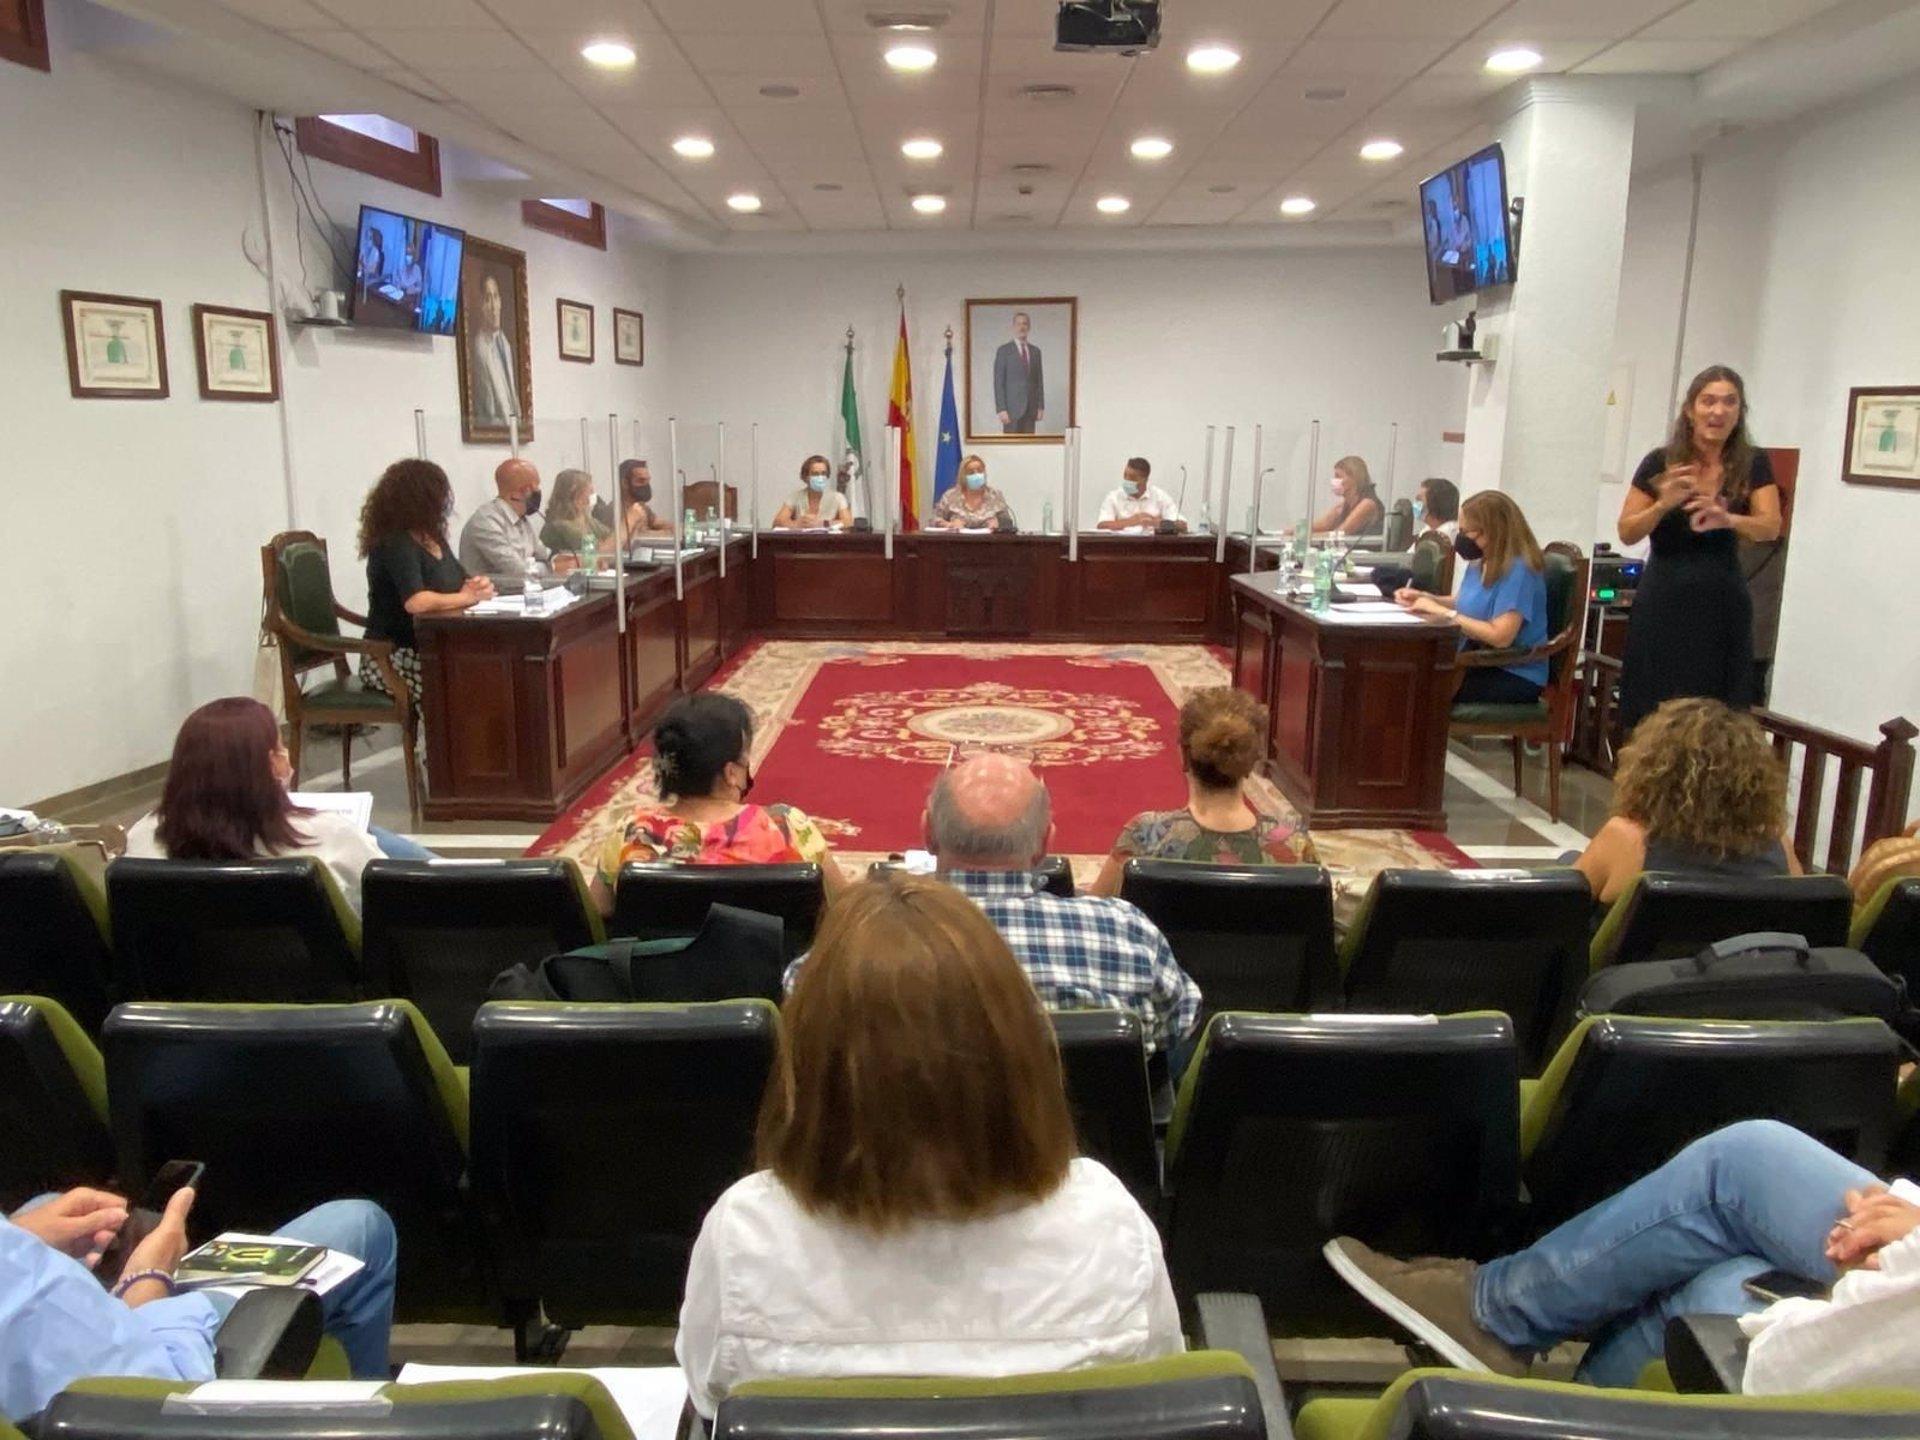 El Ayuntamiento de La Zubia anuncia inversiones por valor de casi 770.000 euros tras la liberación de un crédito